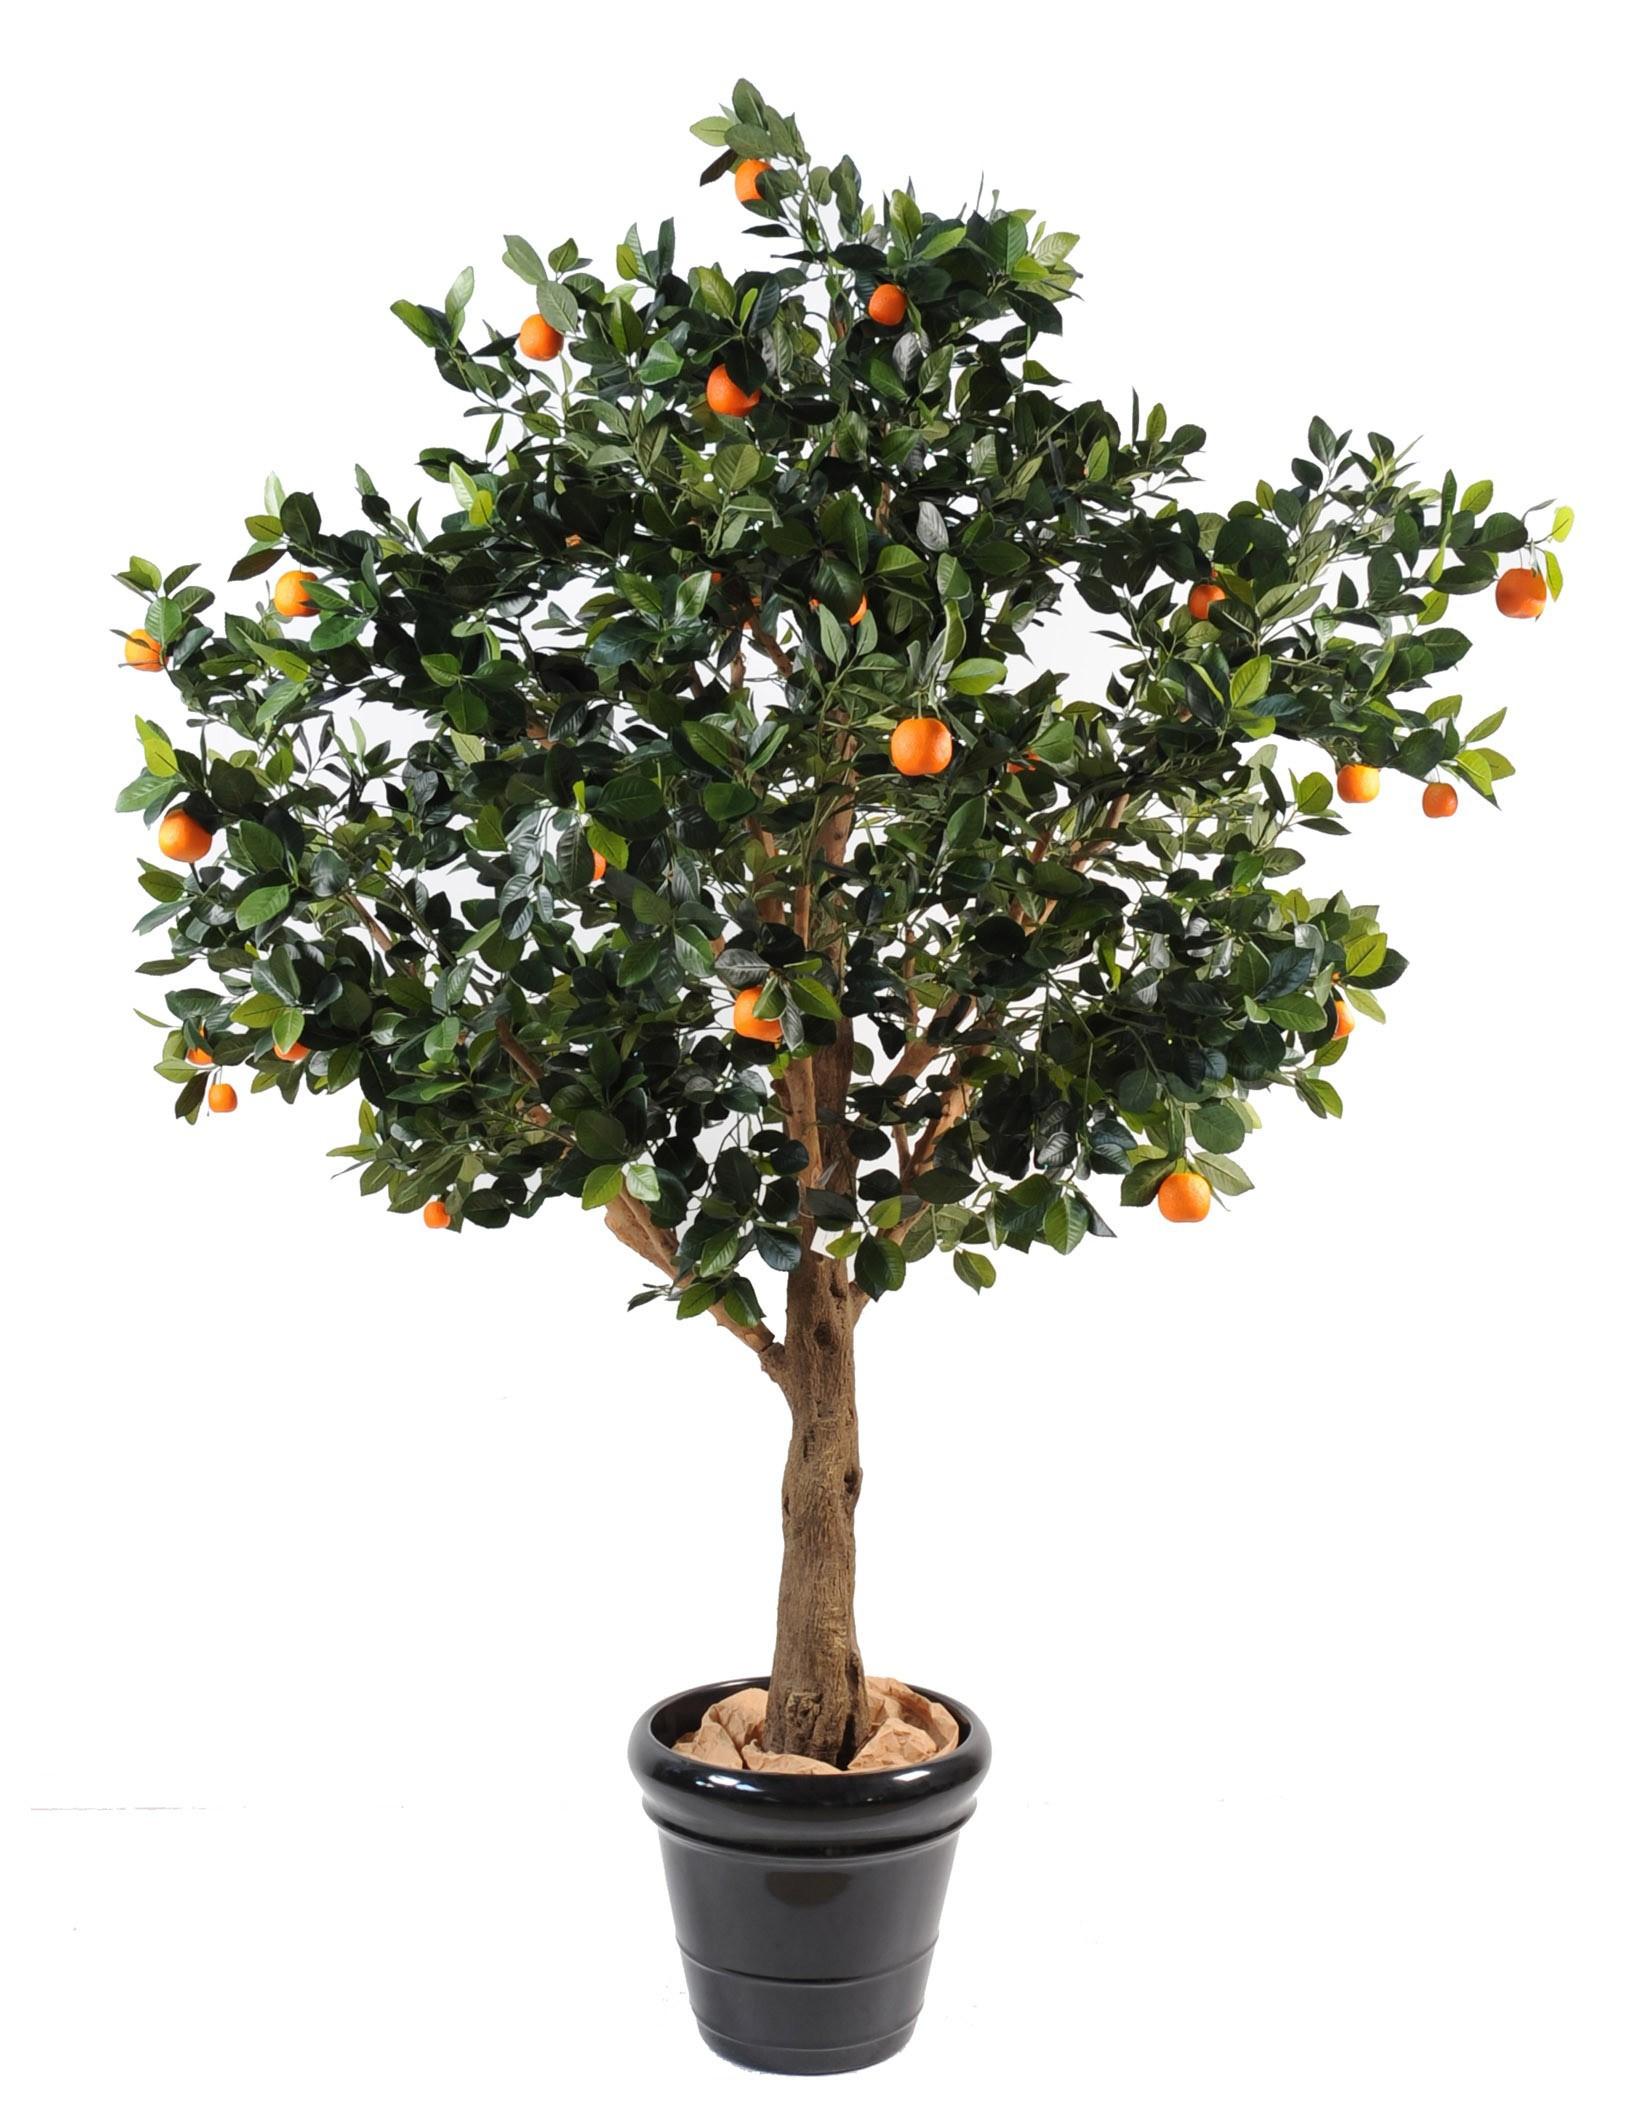 arbre artificiel exterieur pas cher 28 images arbre artificiel pas cher plantes. Black Bedroom Furniture Sets. Home Design Ideas